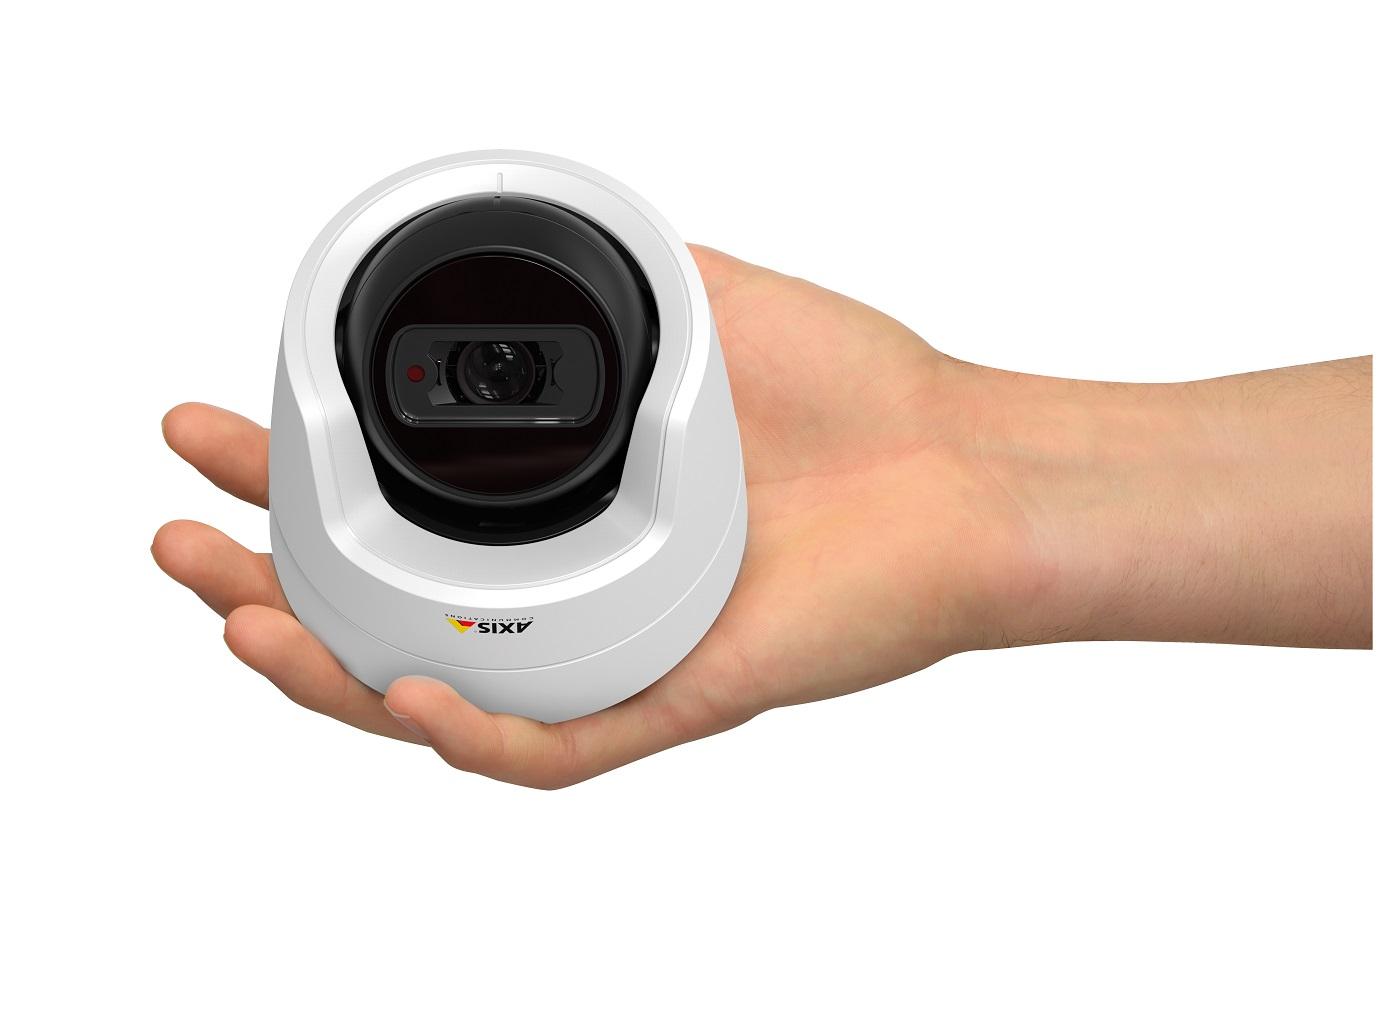 Axis lansează noi cameredome HD accesibile financiar